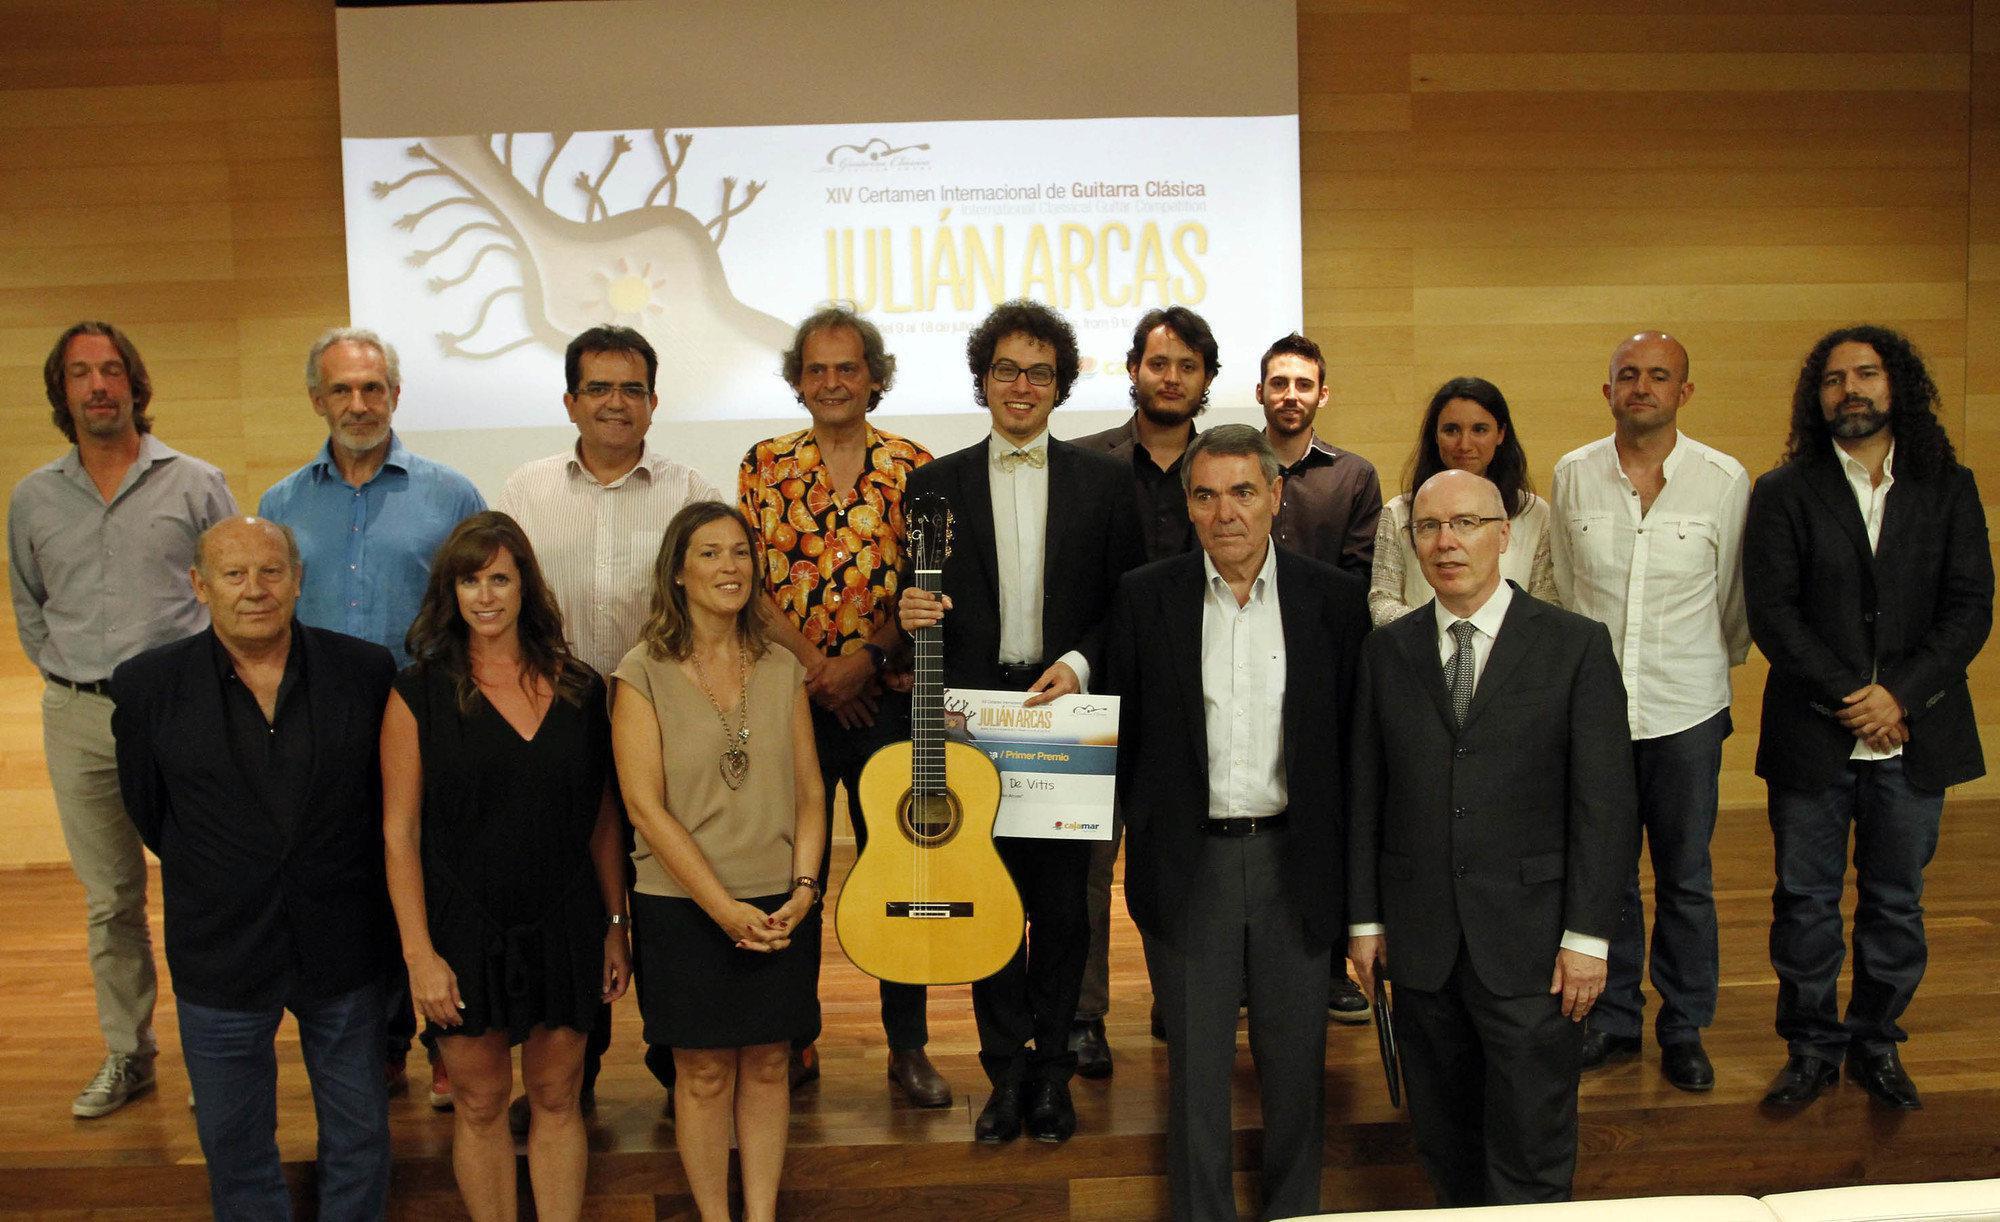 El XIV Certamen Internacional de Guitarra Clásica Julián Arcas proclama vencedor al italiano Andrea De Vitis